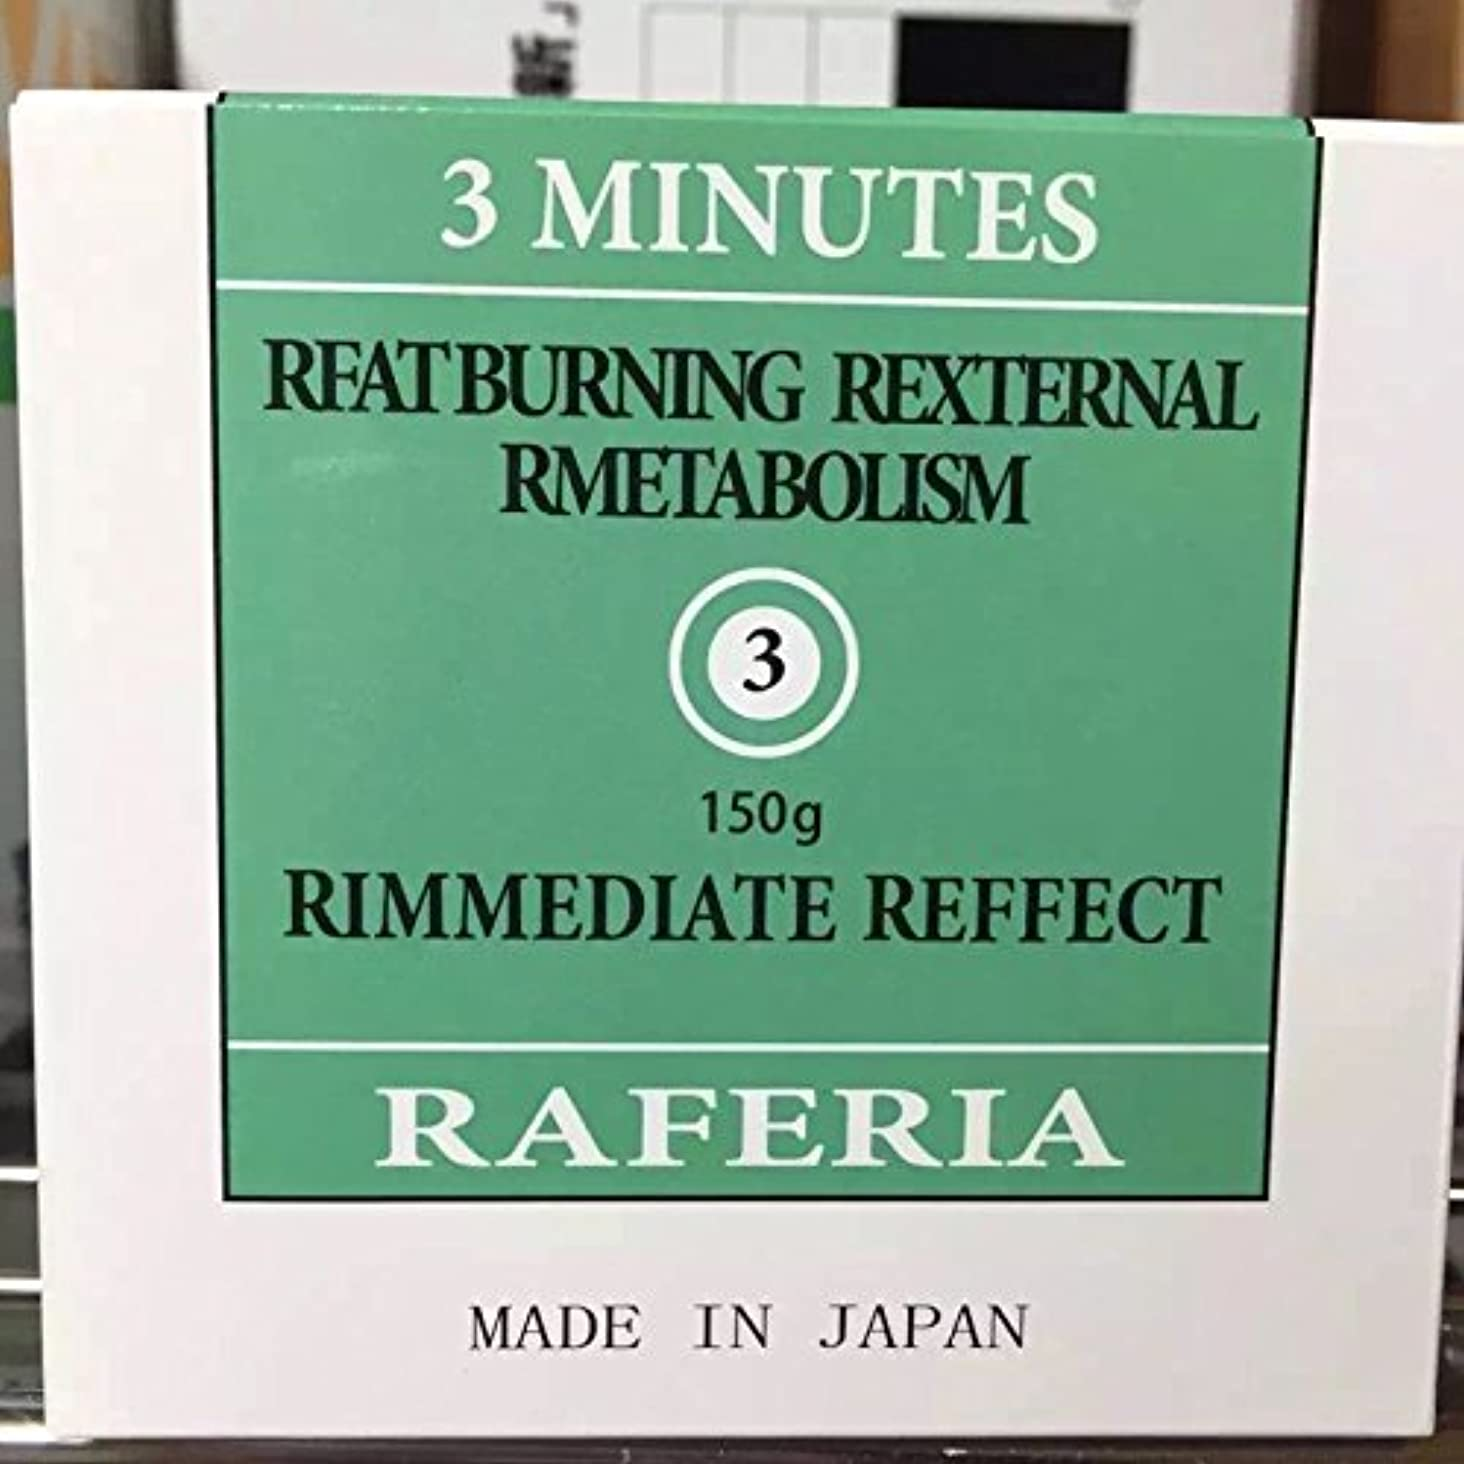 しっかり蓮活力RAFERIA 3MINUTES 銀座ビューティジェル ボディクリーム